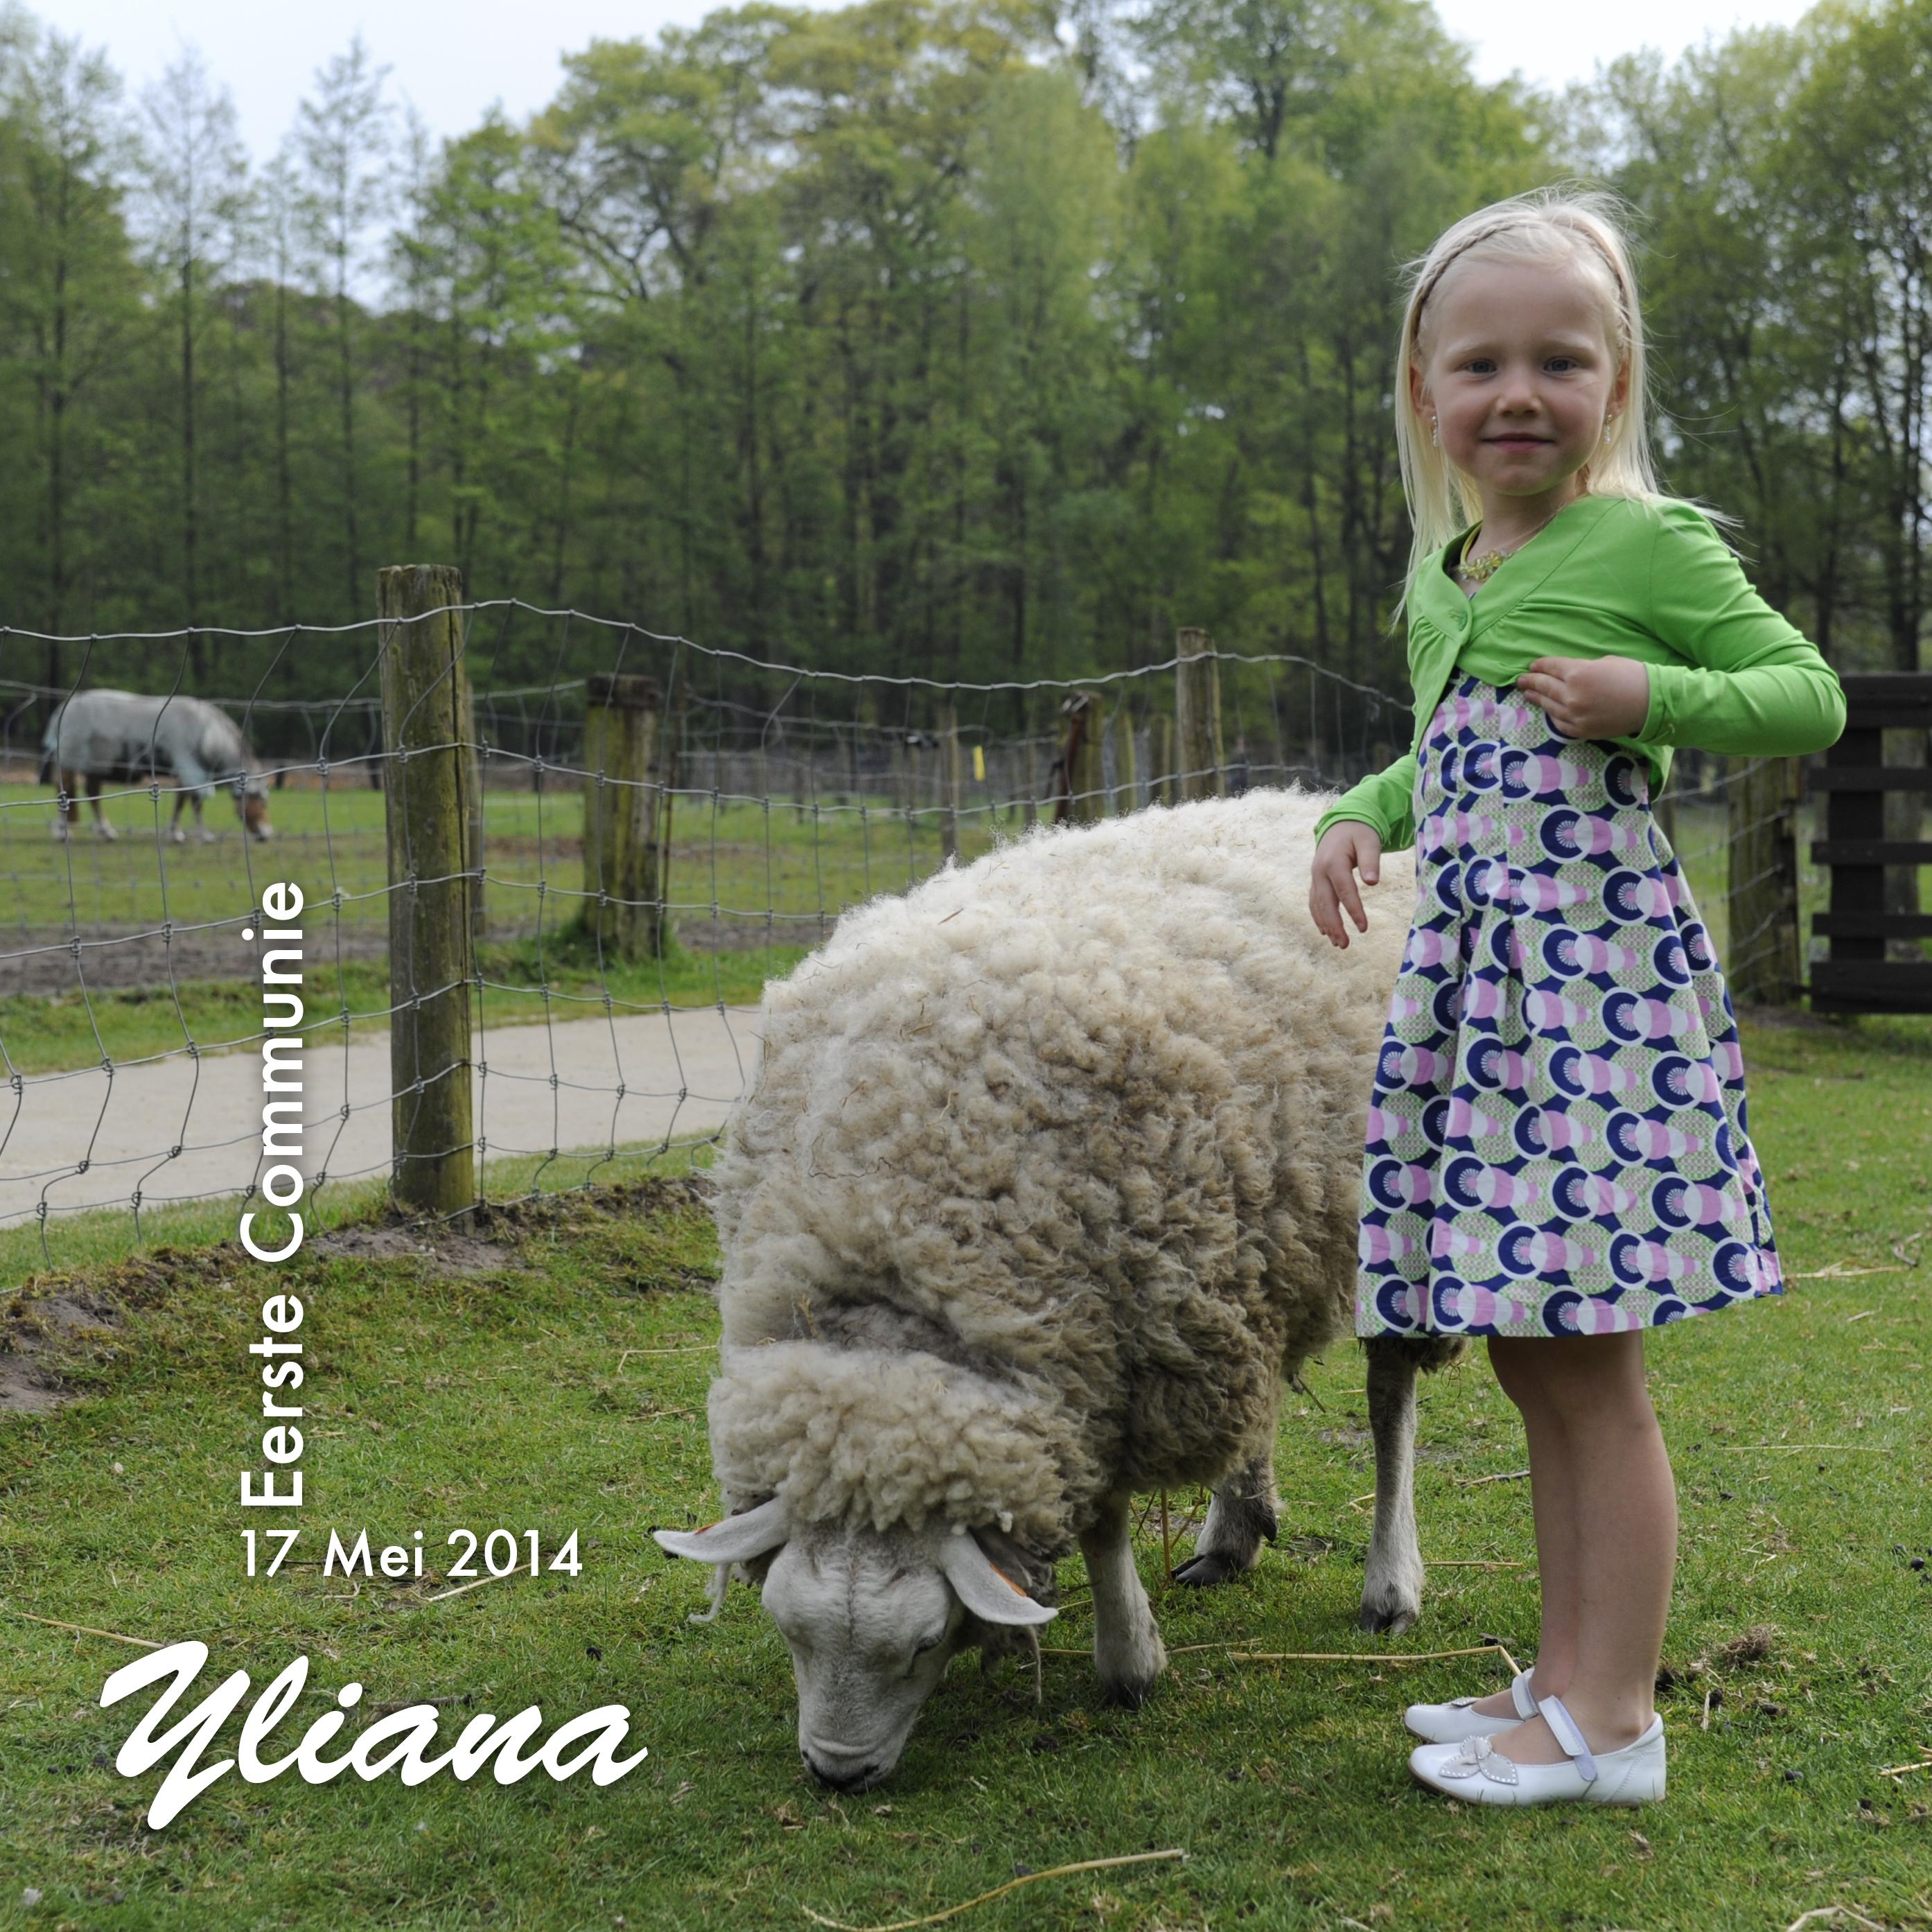 Yliana